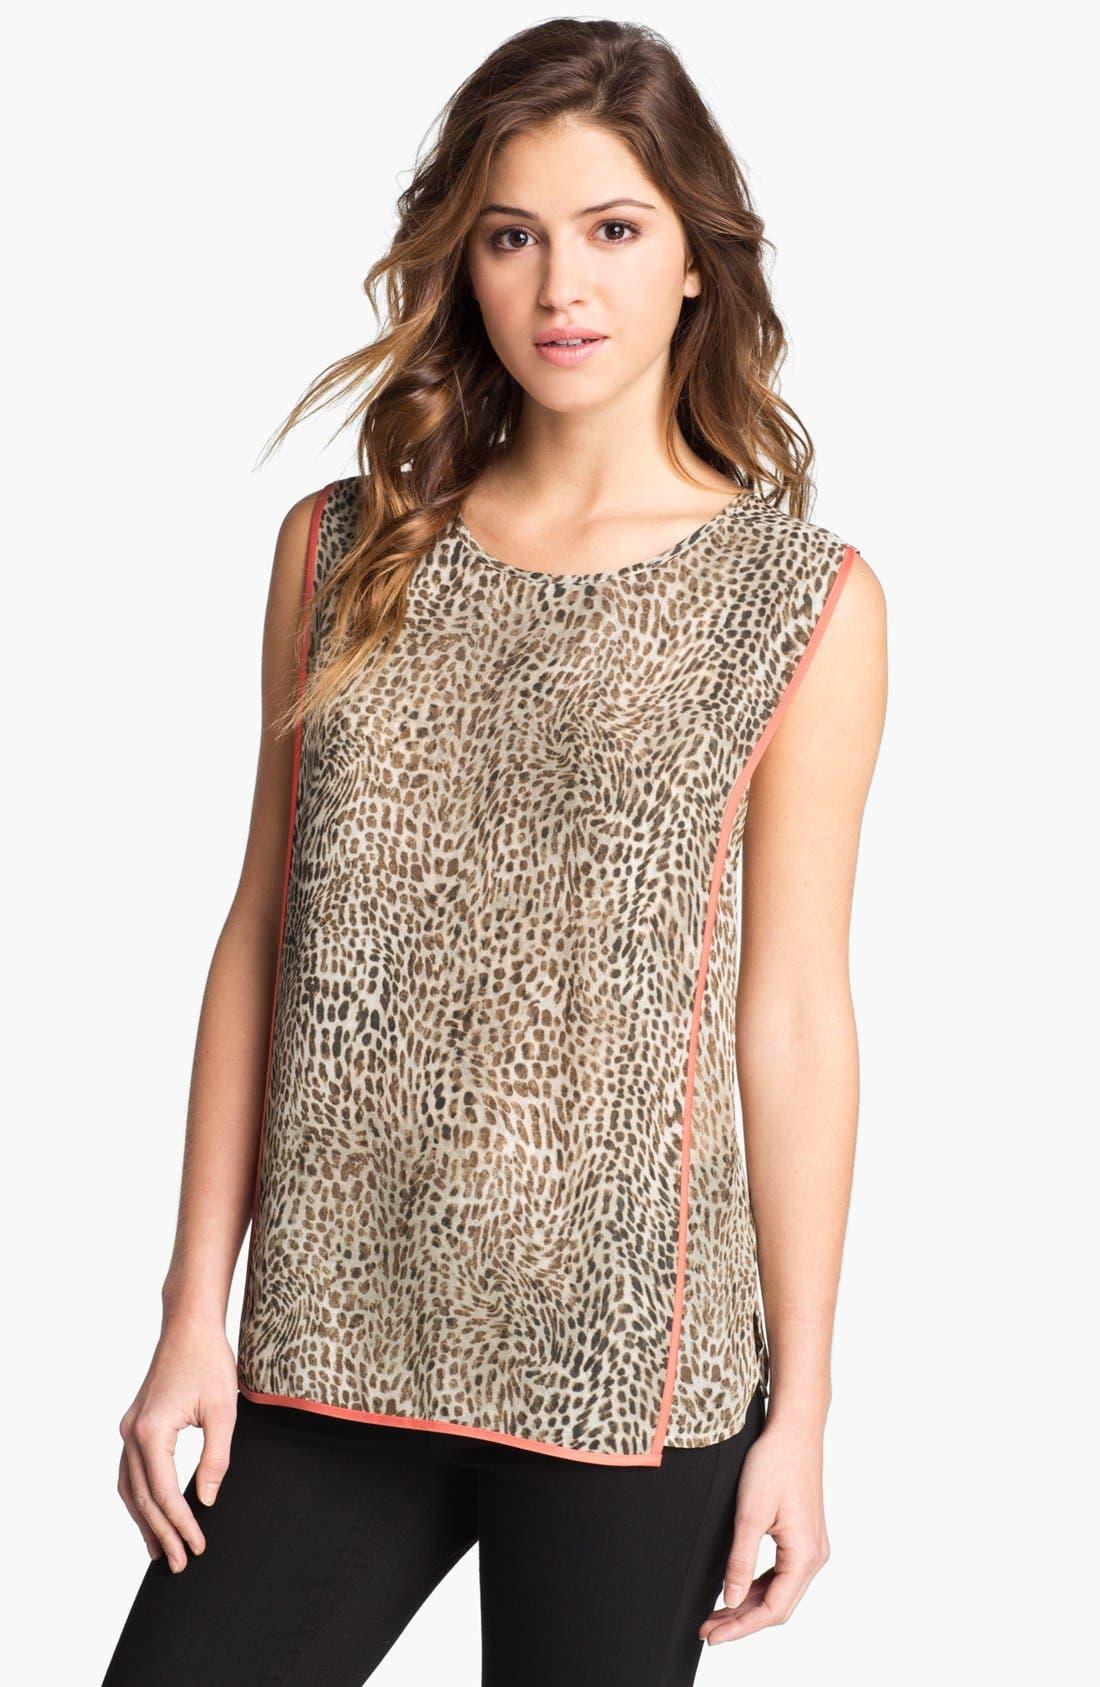 Main Image - Vince Camuto Cheetah Print Blouse